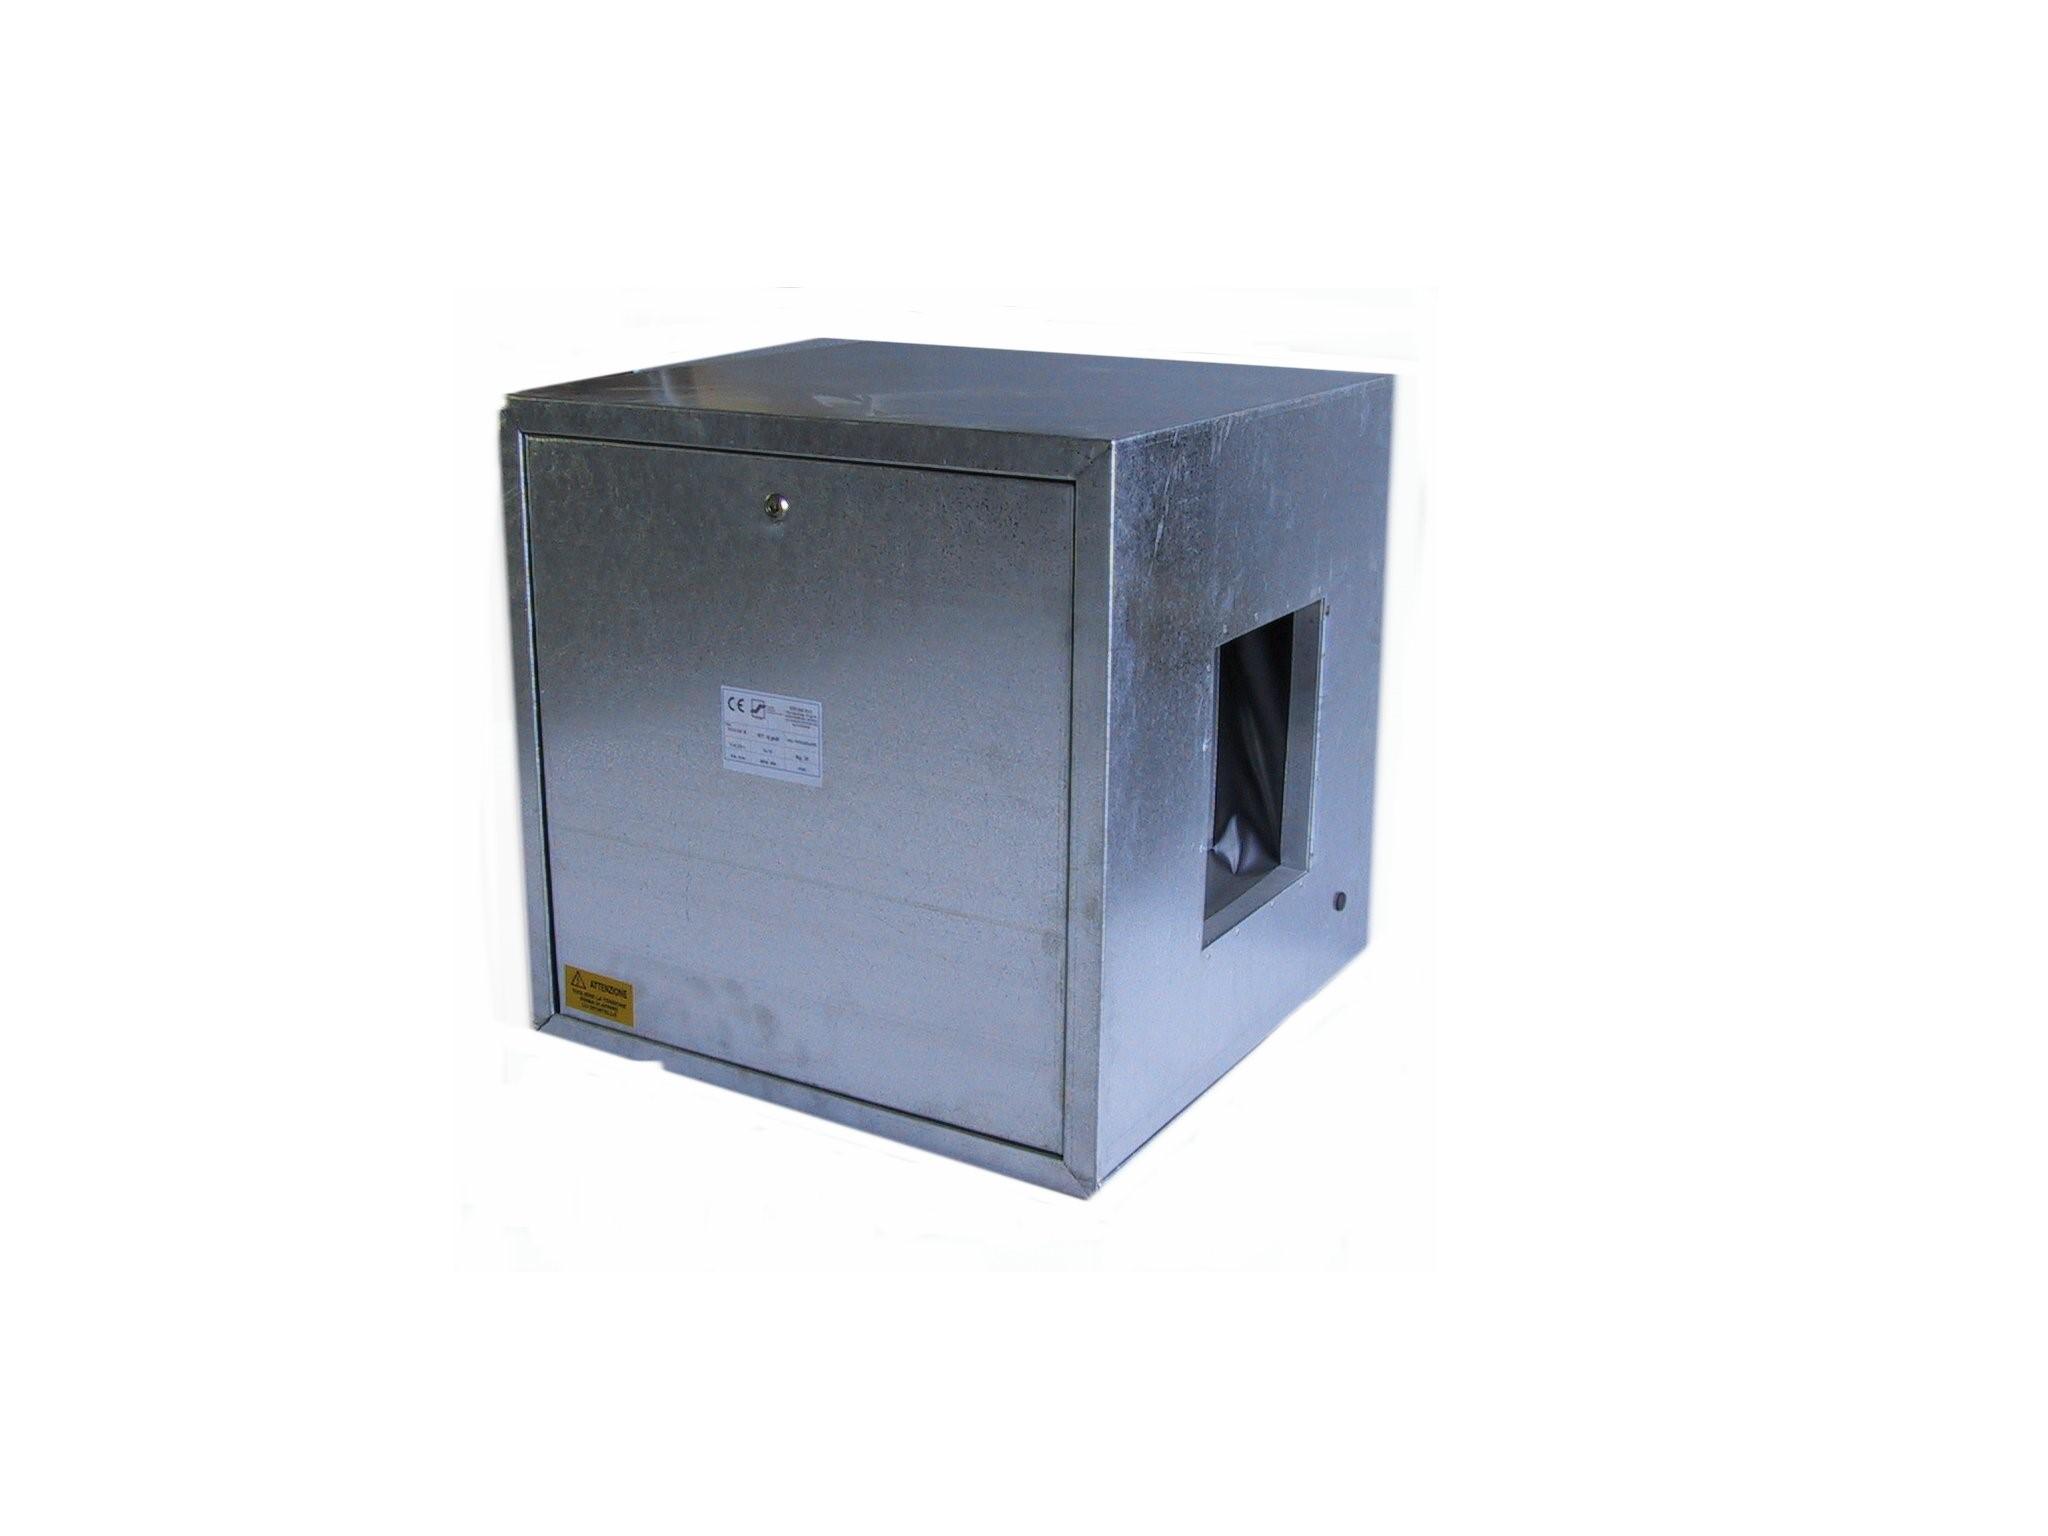 Ventilatore cassonato a semplice aspirazione con motore direttamente accoppiato 1,1 Kw 380 V grandezza 311